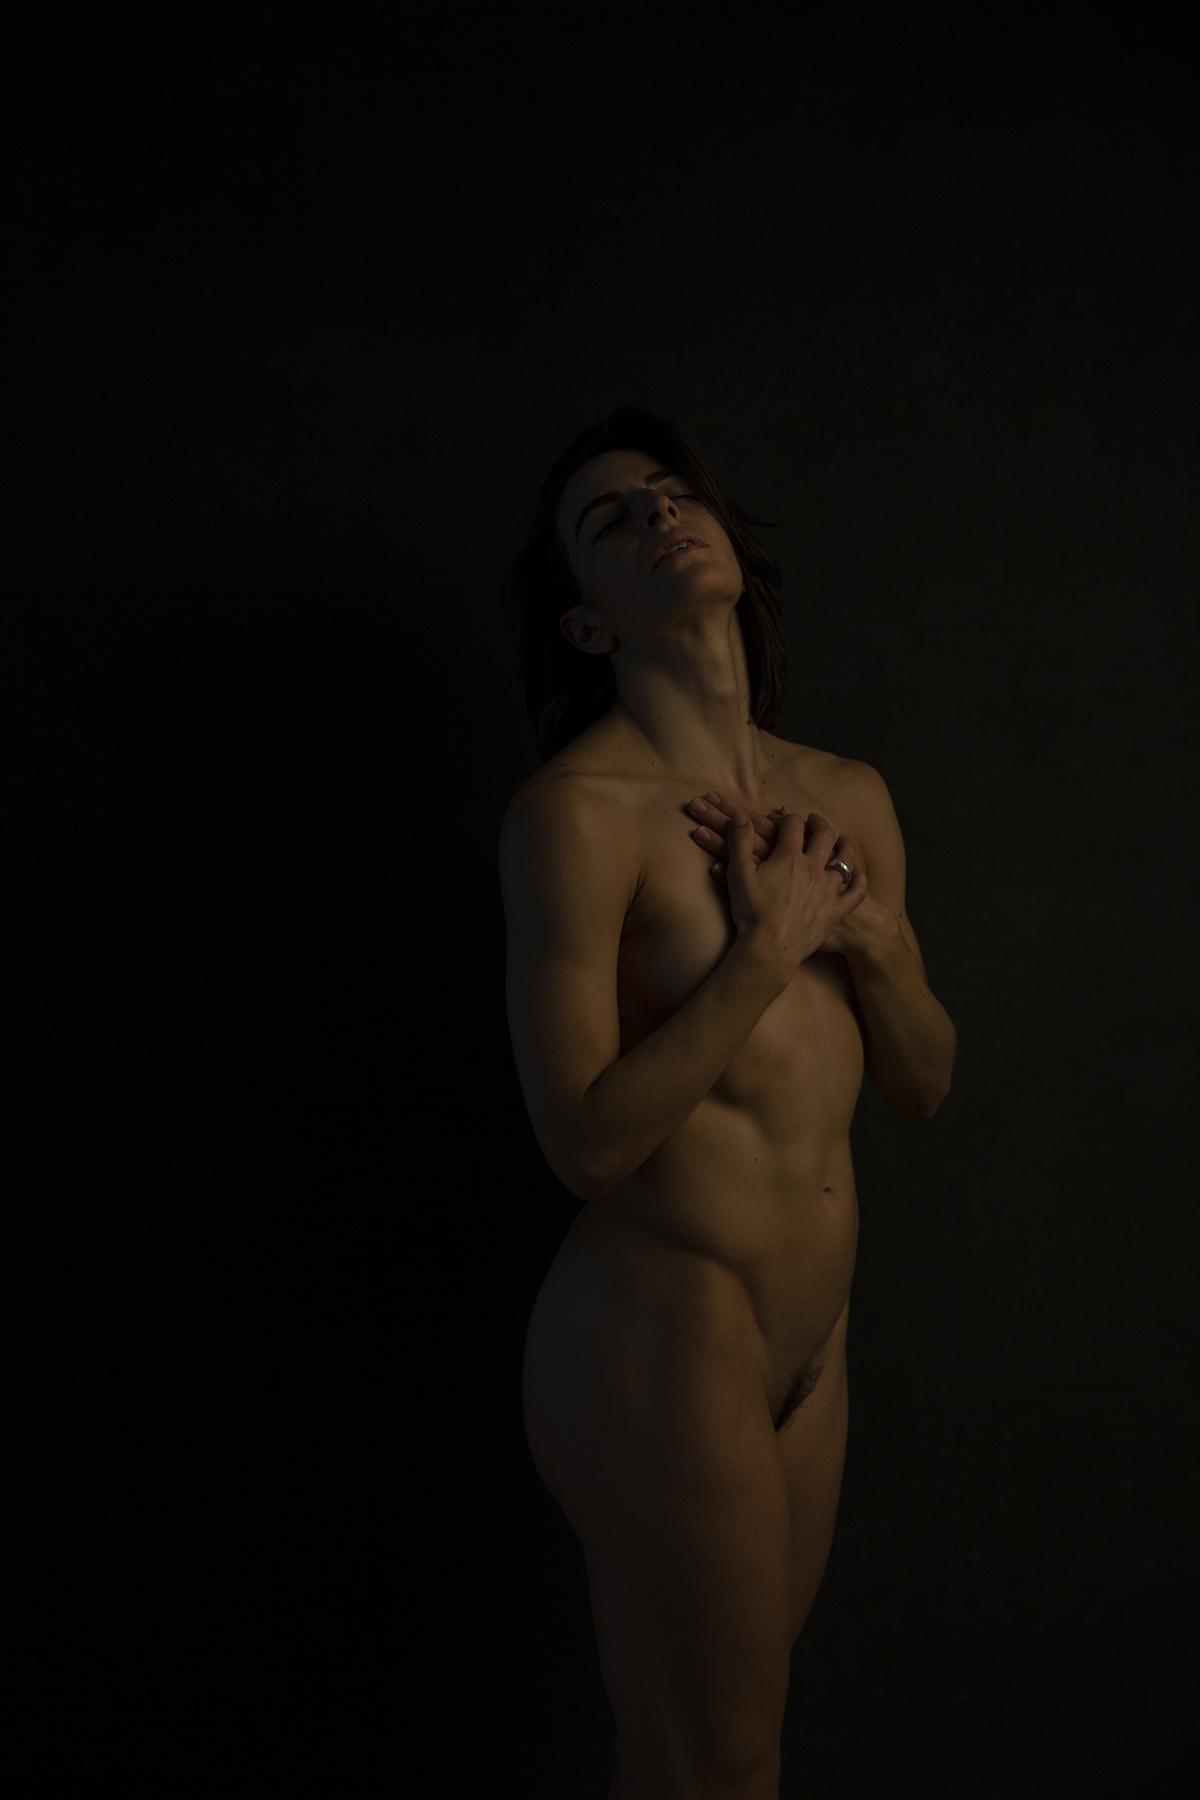 Elizabeth_Looker_Beauty in silence.jpg